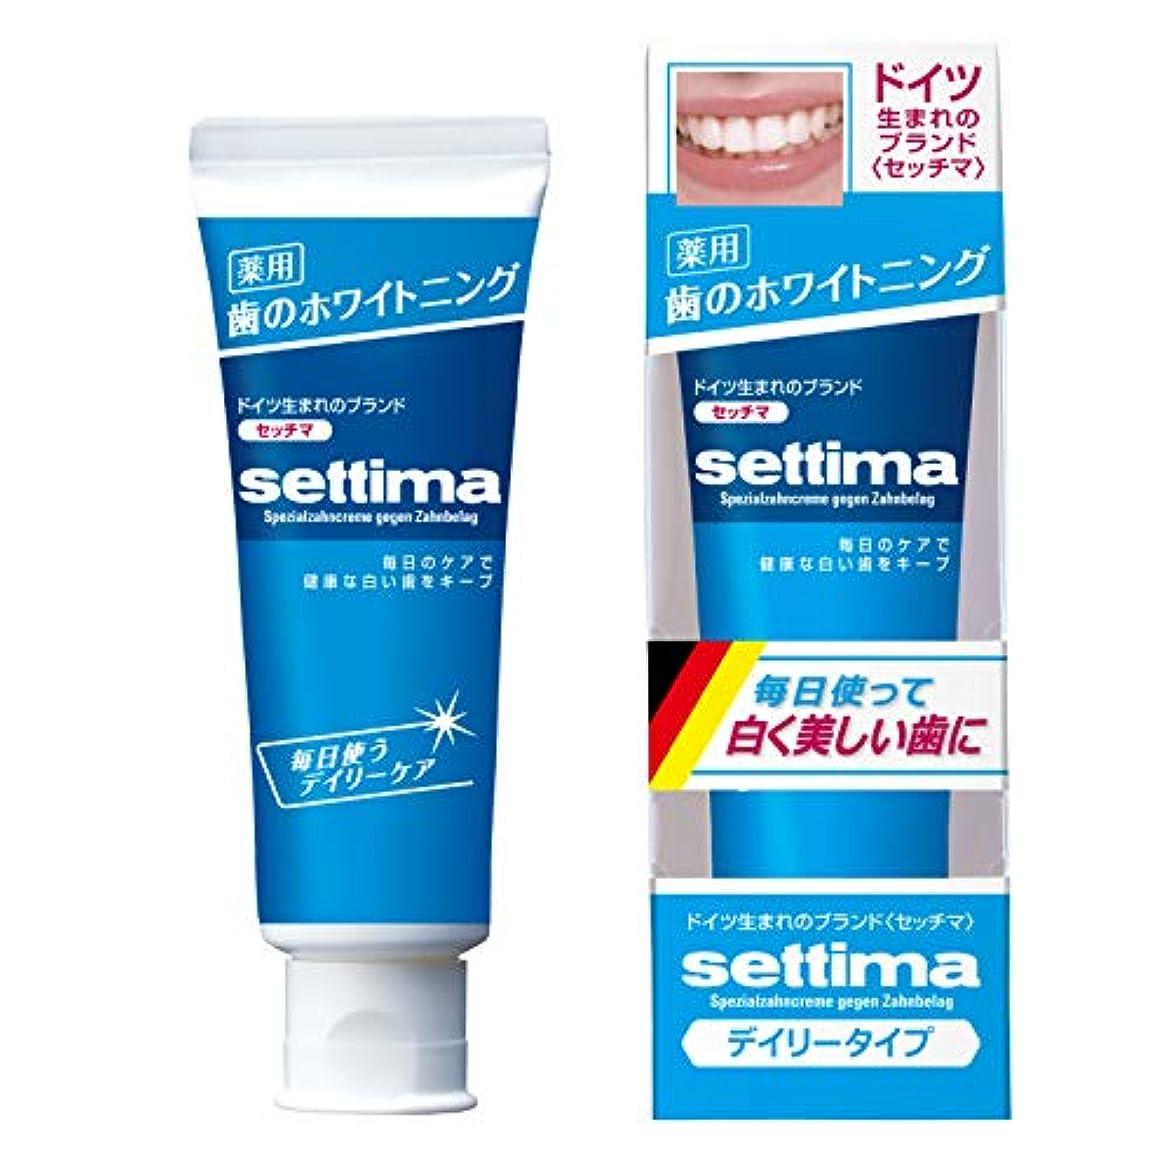 最大化する思い出にぎやか[医薬部外品] settima(セッチマ) ホワイトニング 歯みがき デイリーケア [ファインミントタイプ] <ステインケア タバコのヤニ取り フッ素配合 虫歯予防> 80g